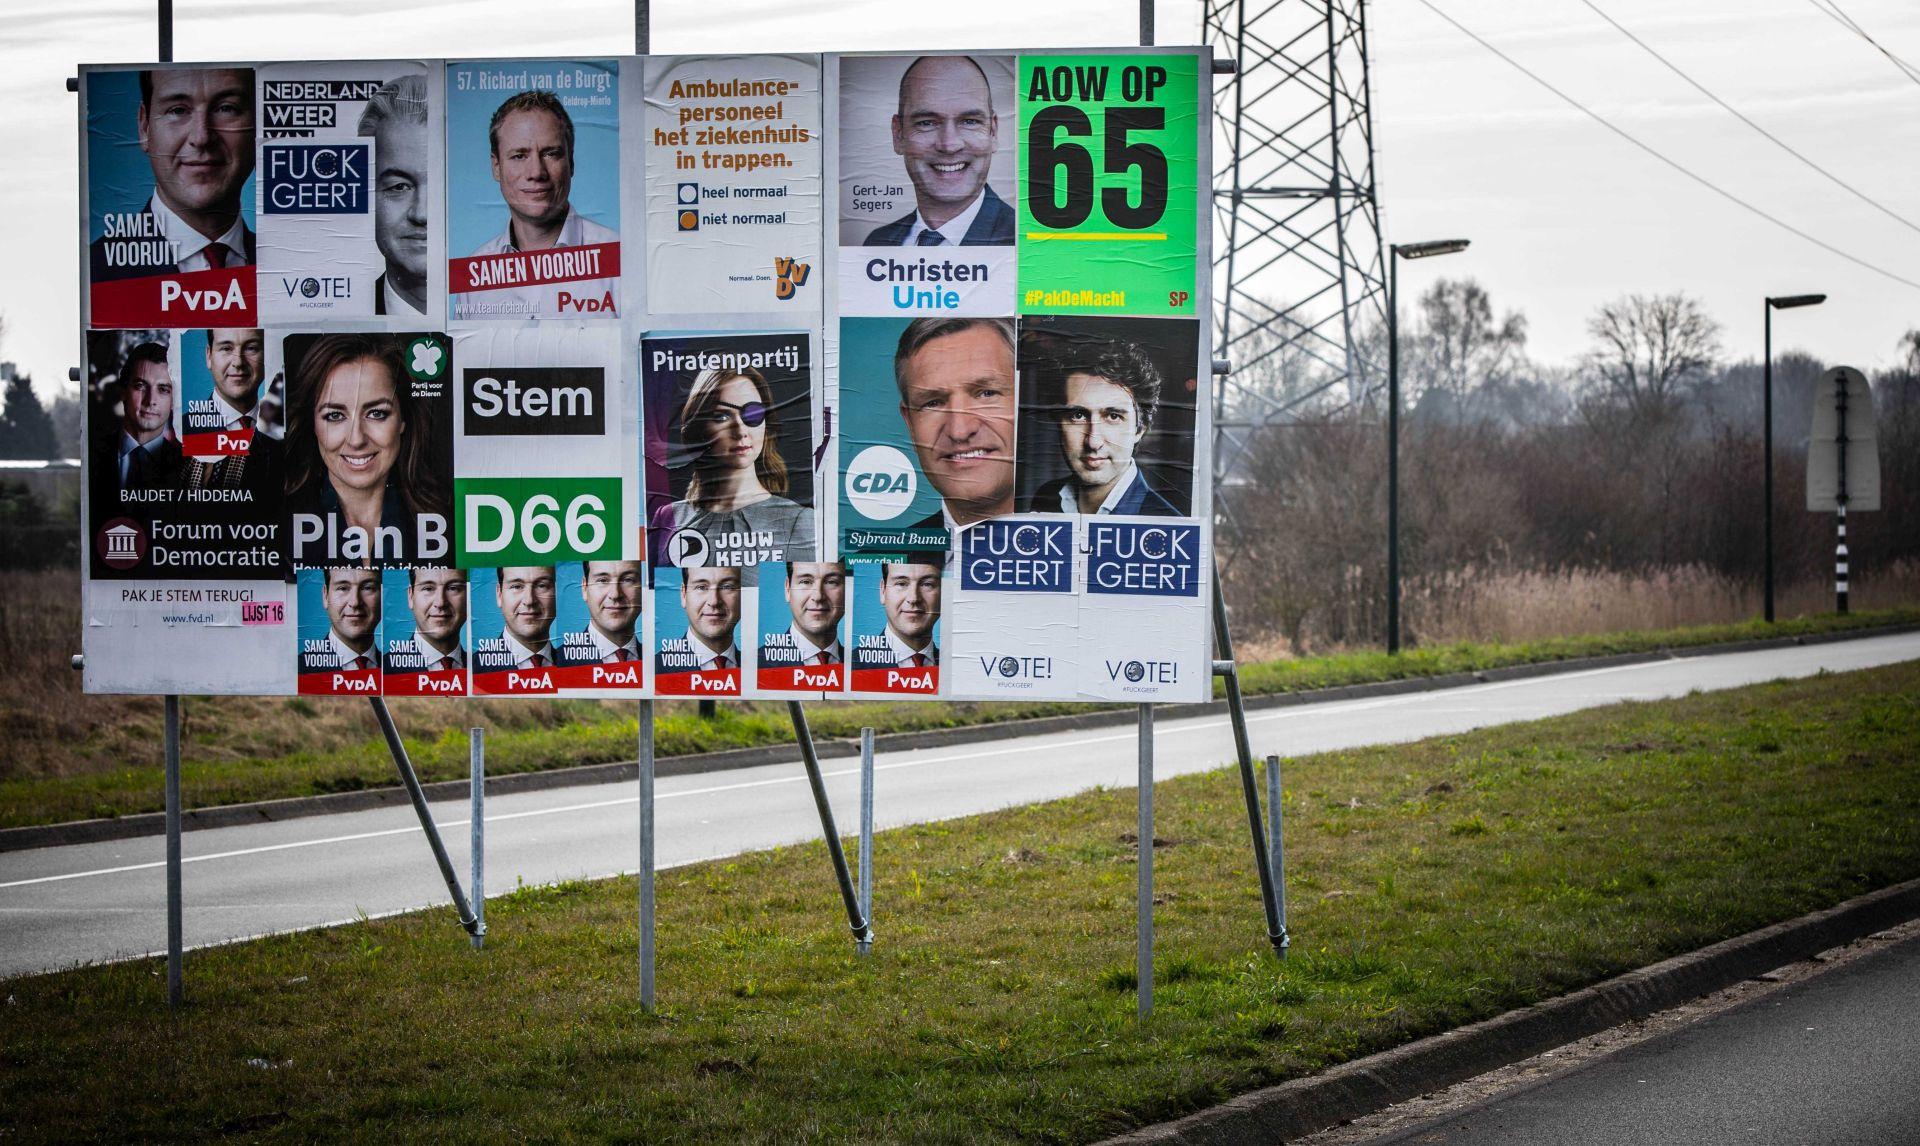 NIZOZEMSKI IZBORI Jednaki omjeri i nakon 55 posto glasova, čestitala Merkel